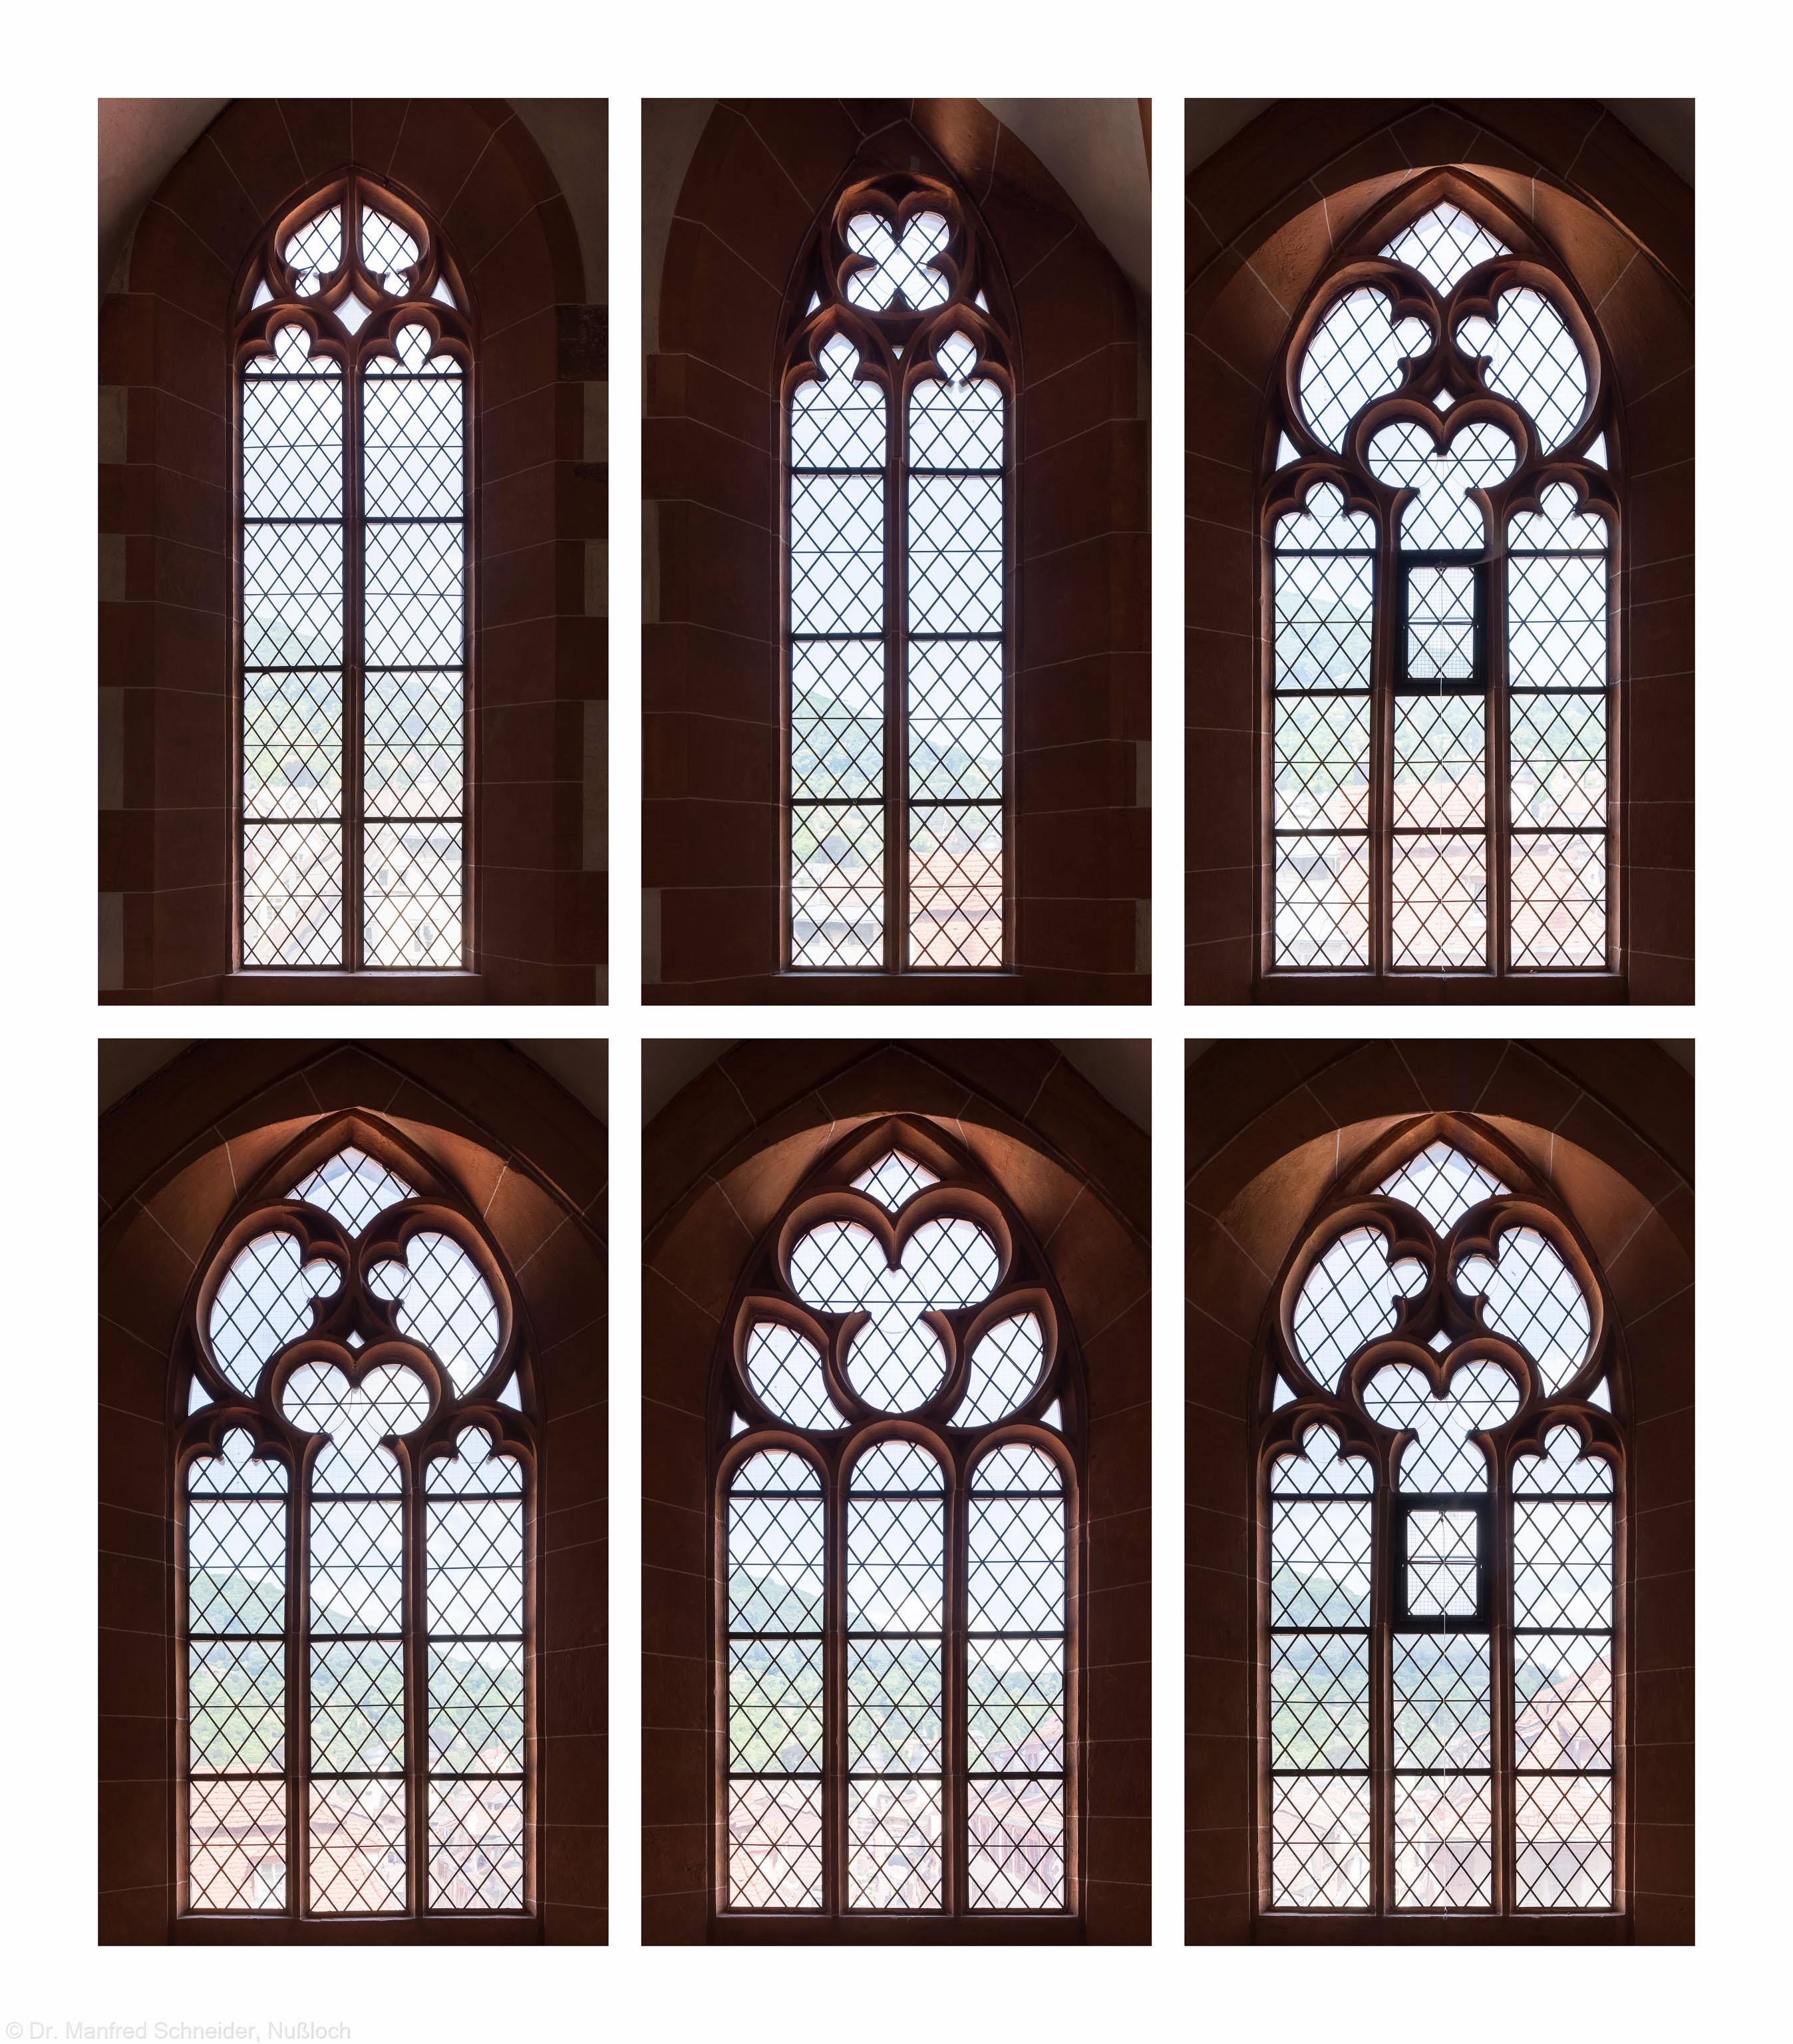 Heidelberg - Heiliggeistkirche - Nordempore - 1./2./3. und 4./5./6. Joch, von Westen aus gezählt - Fenster und Maßwerke (aufgenommen im Juni/Juli 2015, nachmittags)